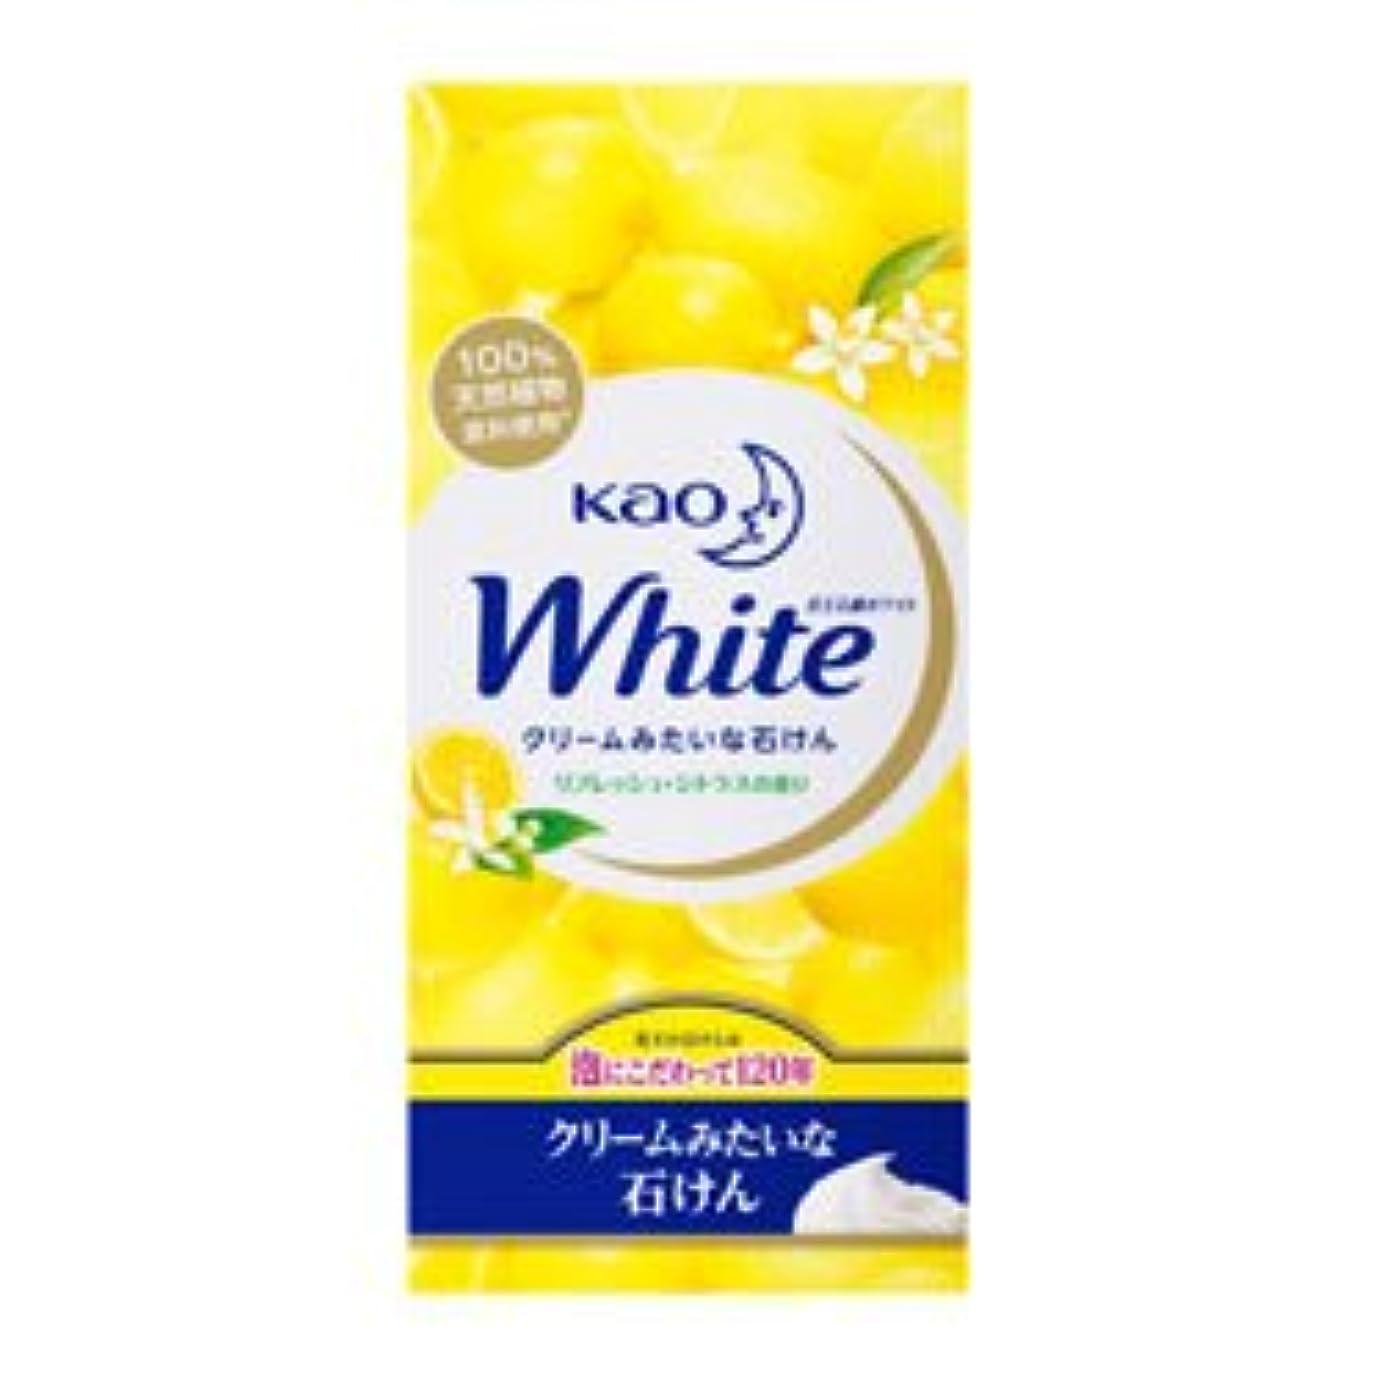 に変わる従来の一次【花王】ホワイト リフレッシュ?シトラスの香り レギュラーサイズ 85g×6個入 ×20個セット